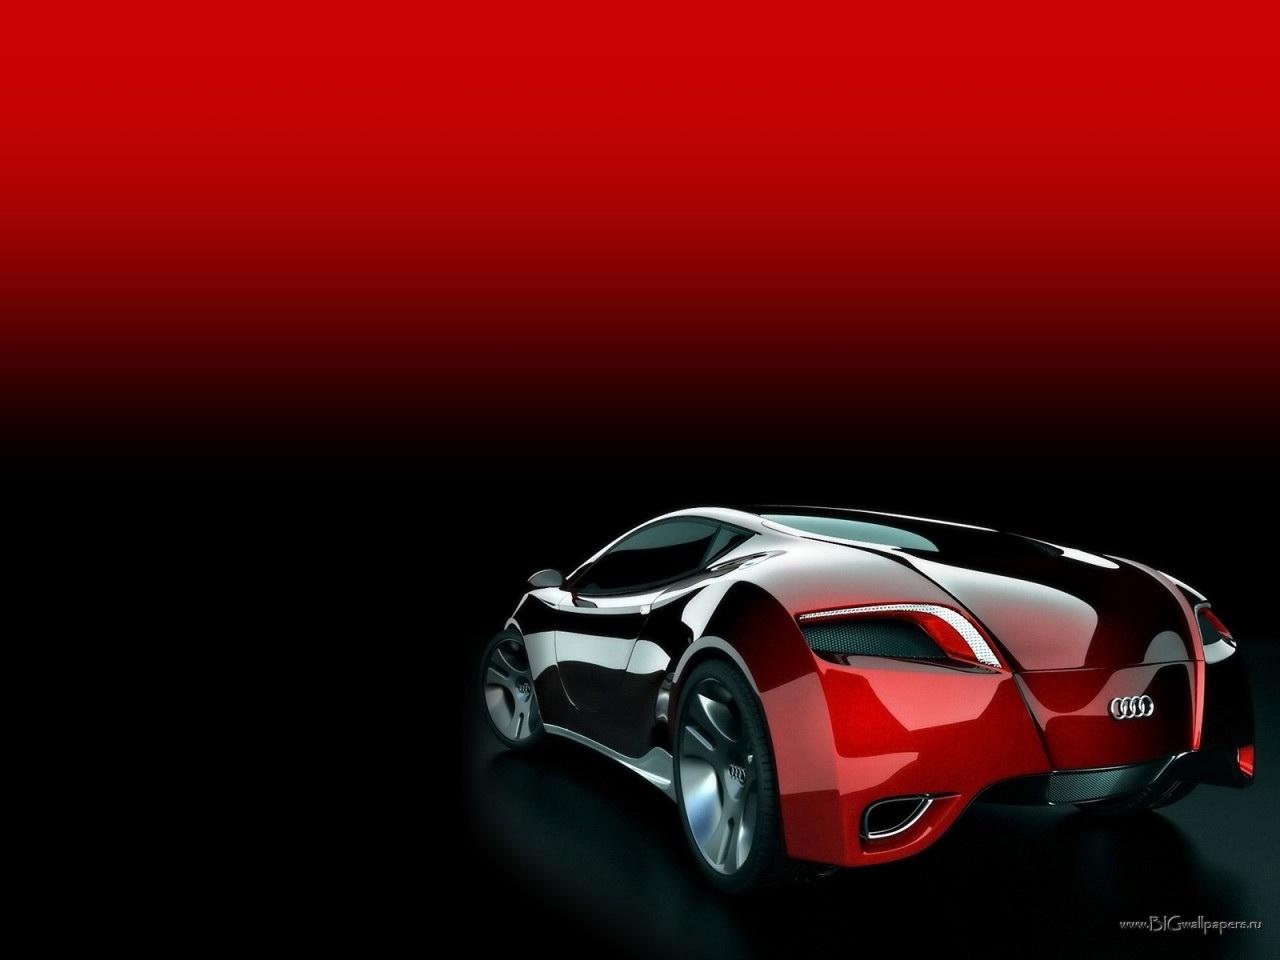 1454 скачать обои Транспорт, Машины, Ауди (Audi), Прототипы - заставки и картинки бесплатно